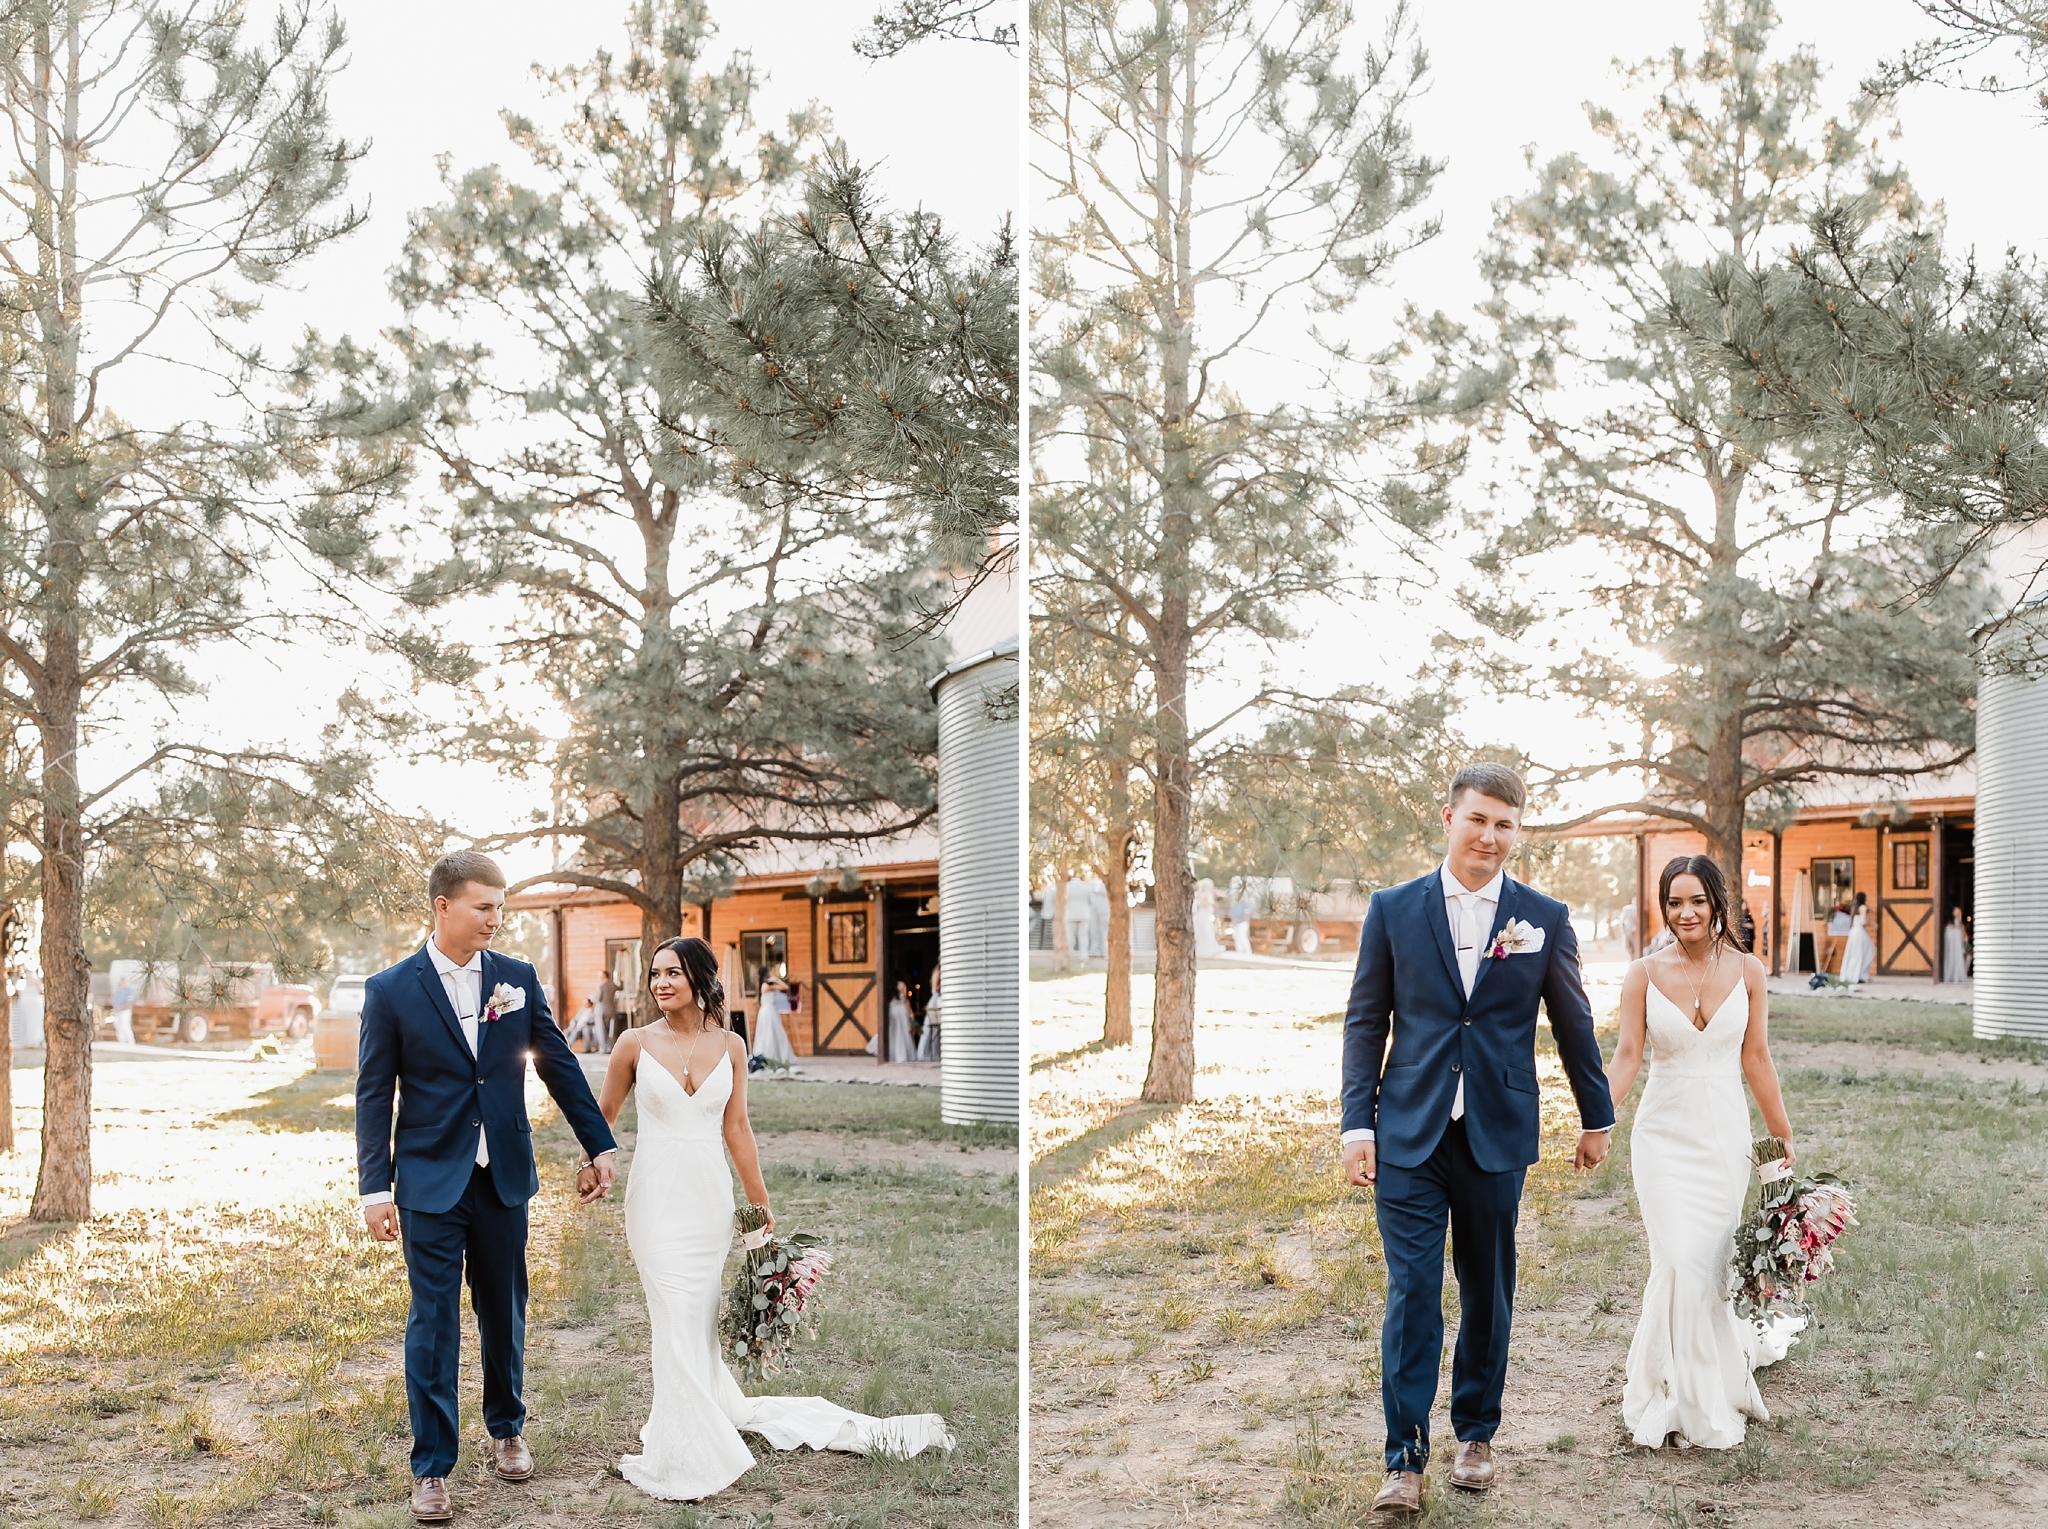 Alicia+lucia+photography+-+albuquerque+wedding+photographer+-+santa+fe+wedding+photography+-+new+mexico+wedding+photographer+-+new+mexico+wedding+-+new+mexico+wedding+-+barn+wedding+-+enchanted+vine+barn+wedding+-+ruidoso+wedding_0128.jpg